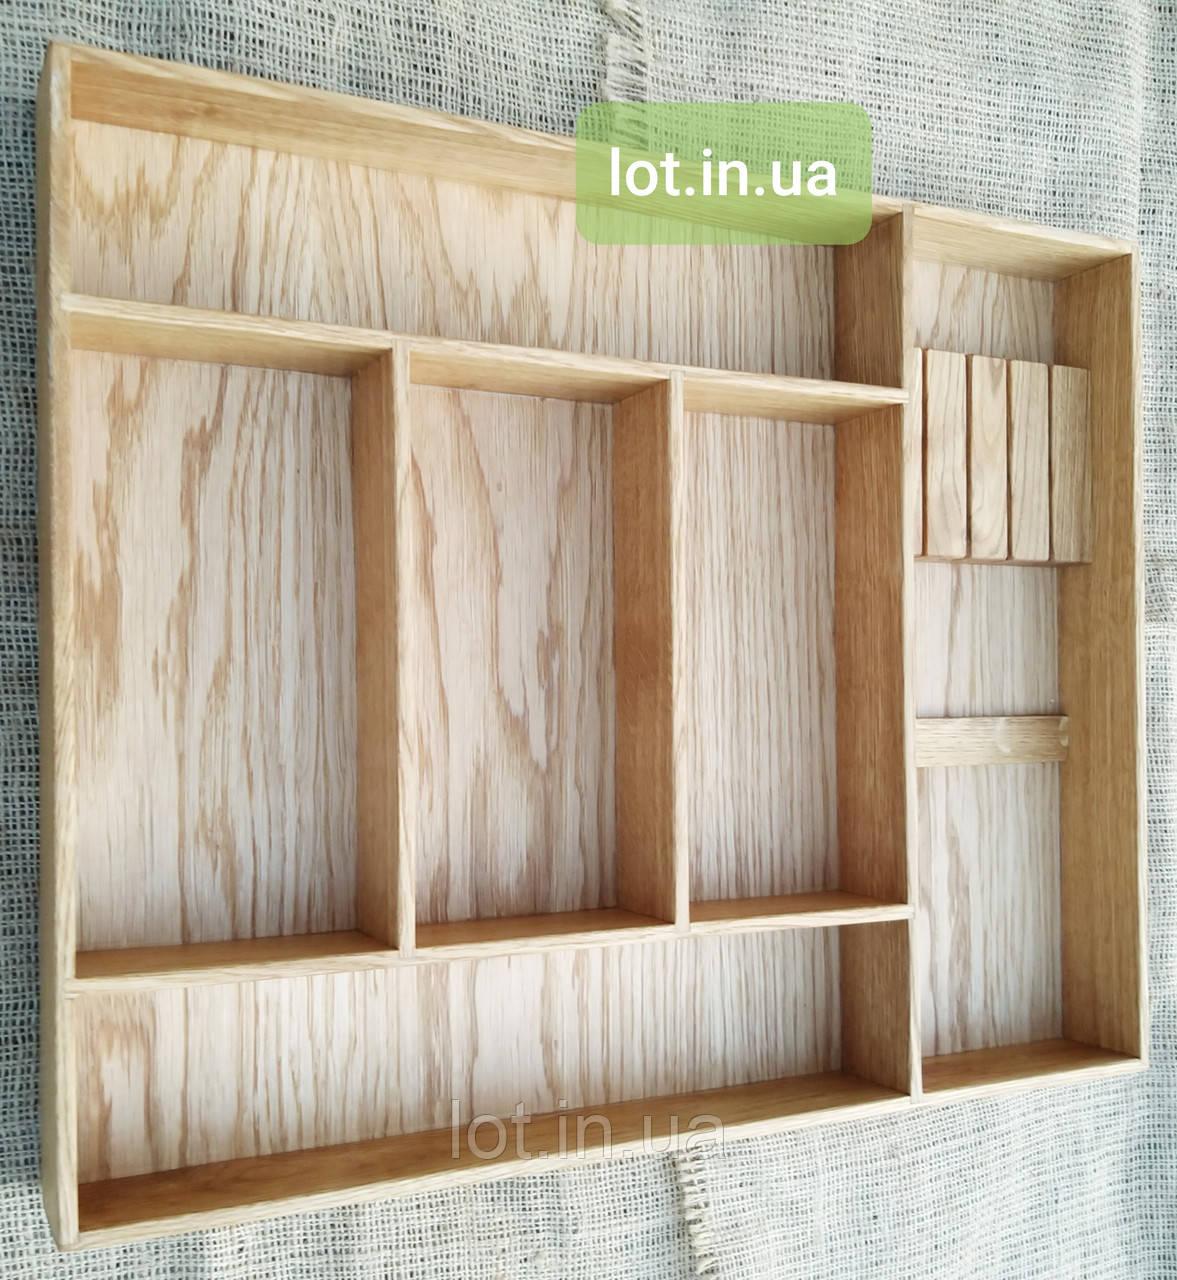 Деревянный лоток для столовых приборов Lot k606 600х500. (индивидуальные размеры)